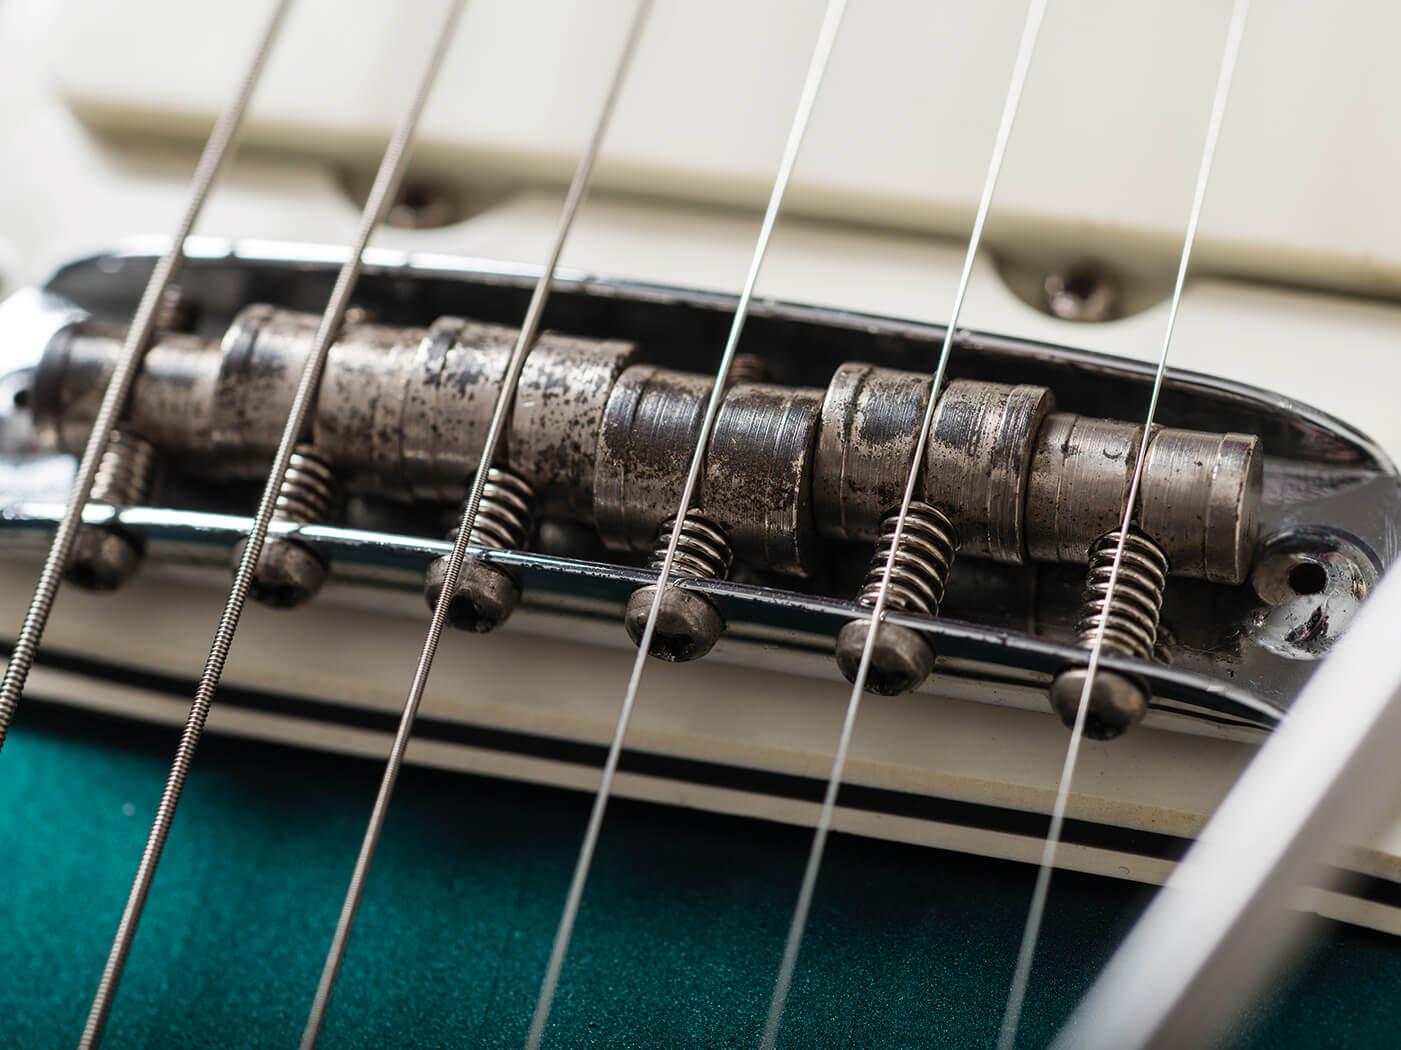 Fender 1966 Jazzmaster Ocean Turquoise mustang bridge